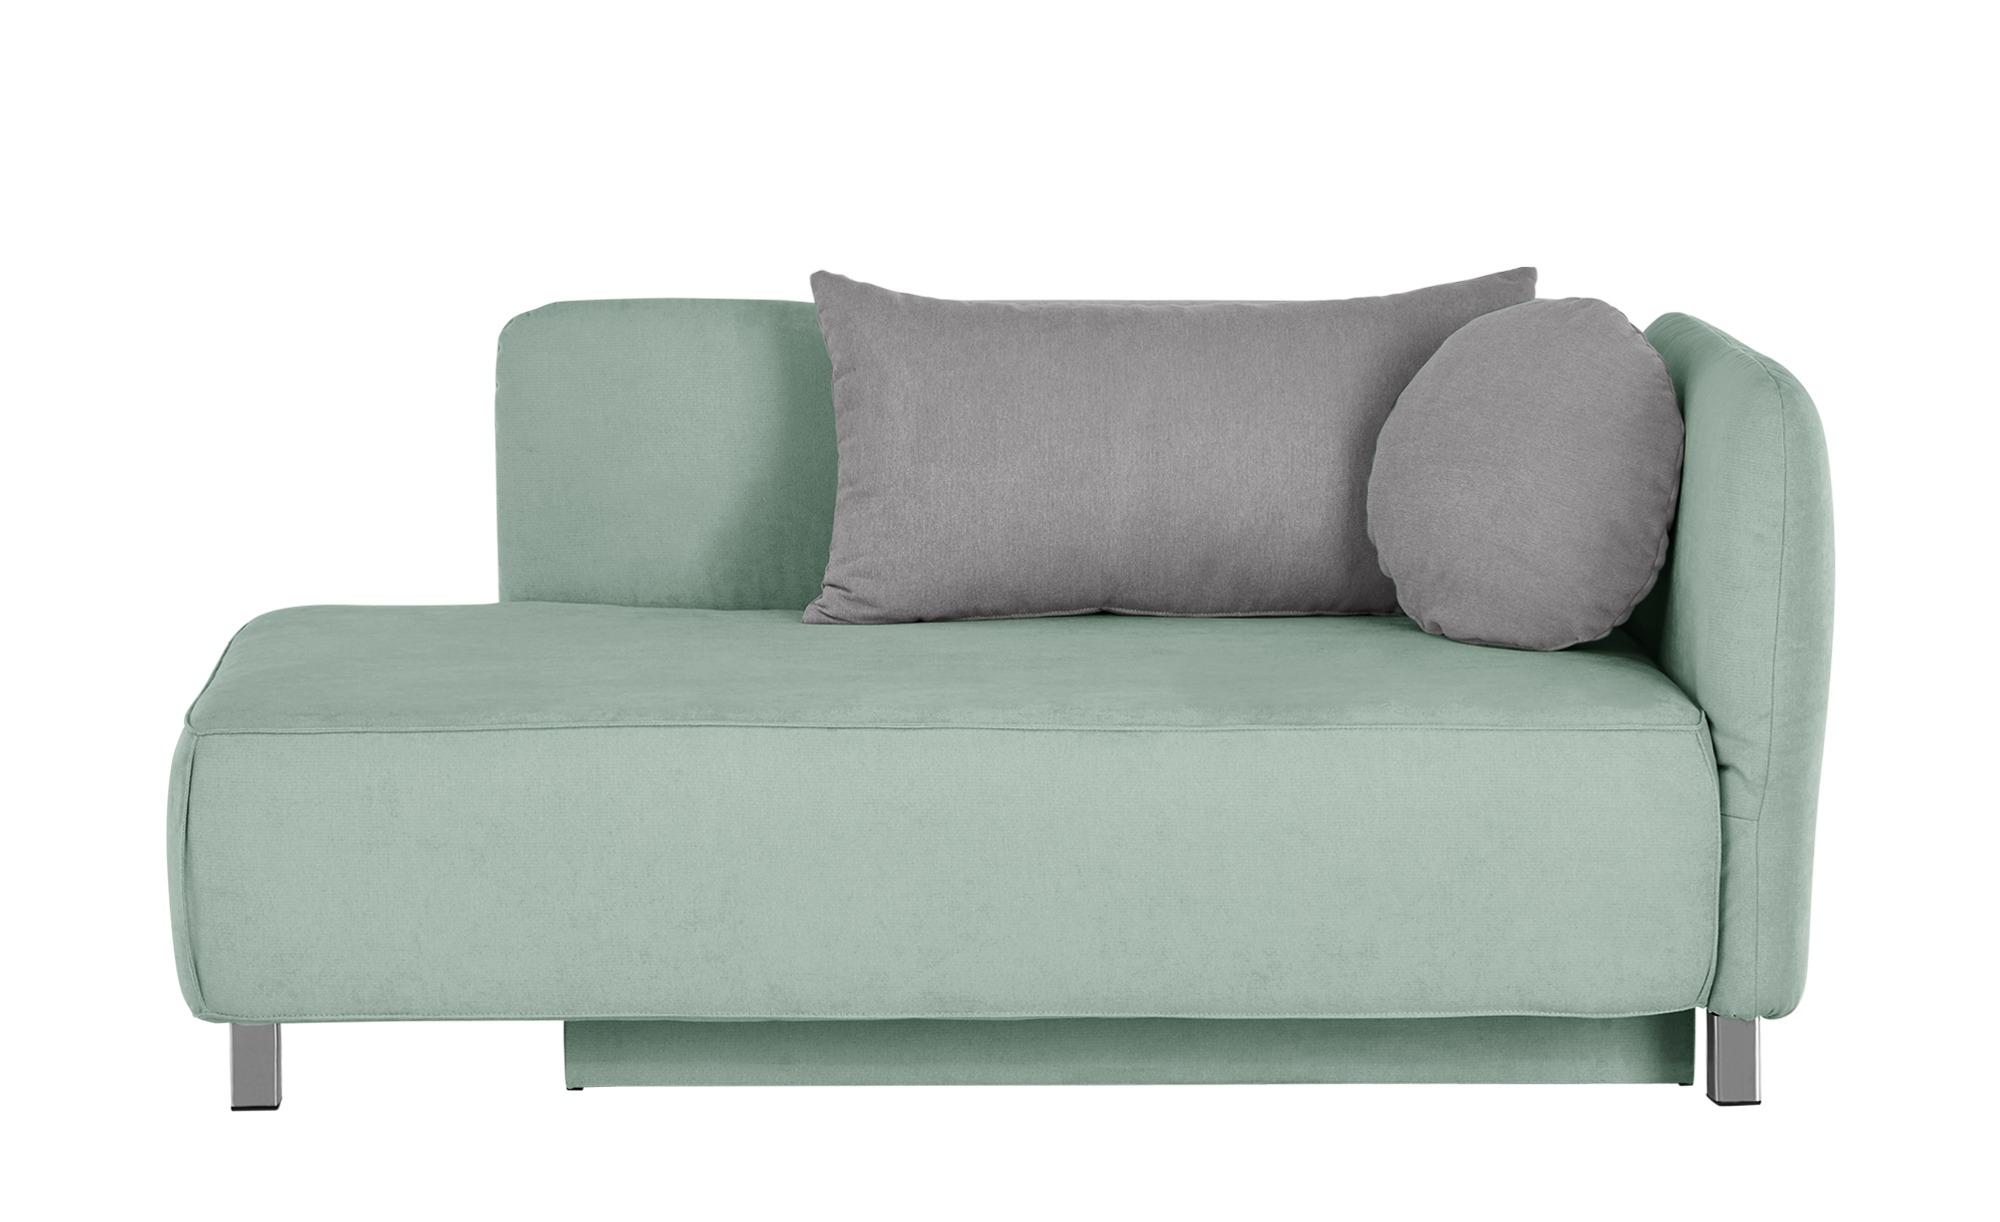 Schlafsofa  Peppa ¦ grün ¦ Maße (cm): B: 170 H: 83 T: 90 Polstermöbel > Sofas > Einzelsofas - Höffner